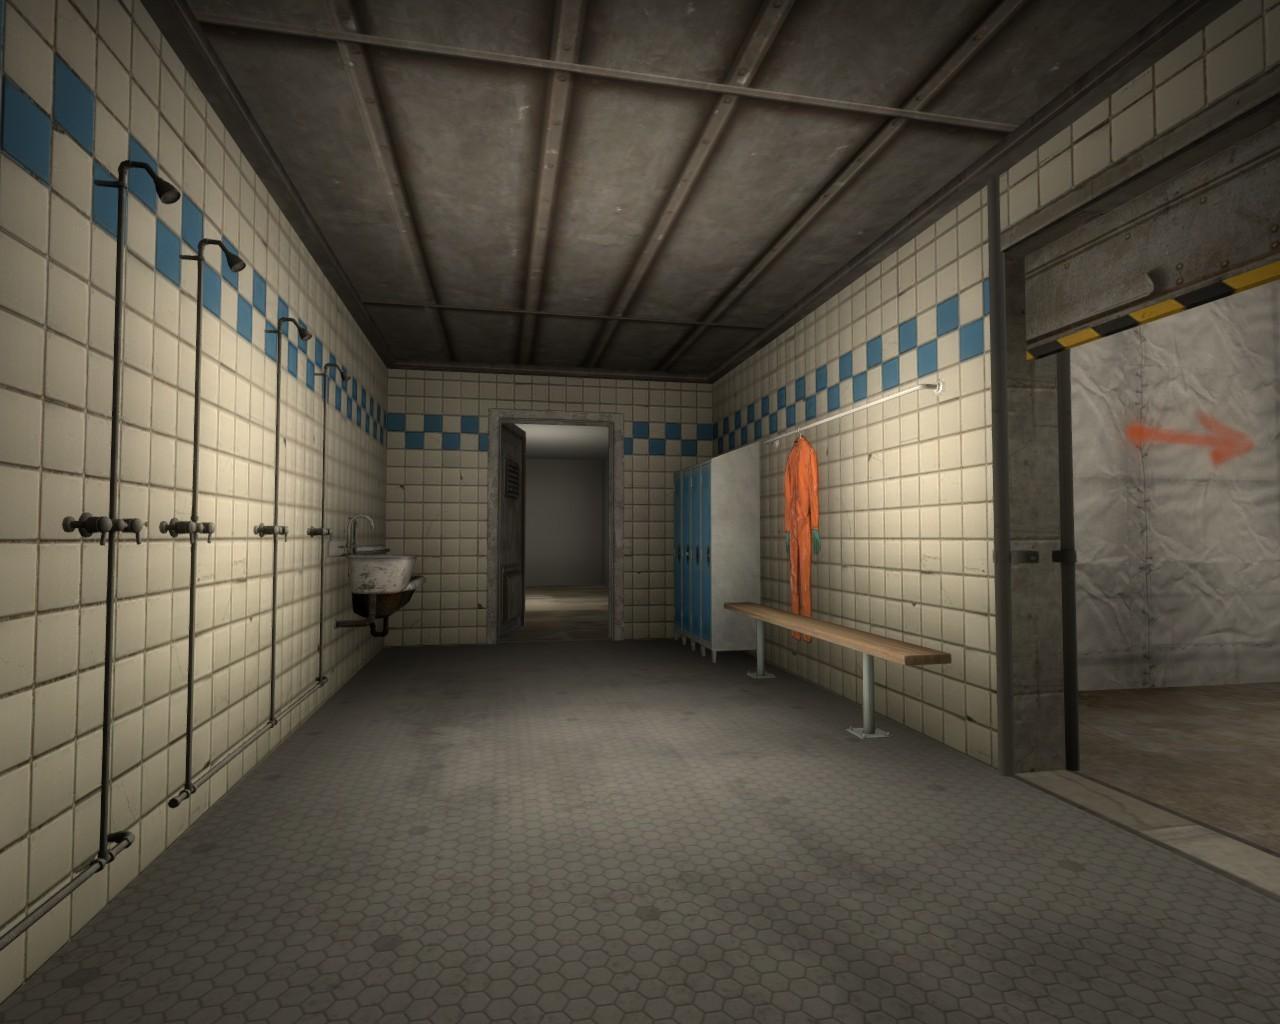 de_hideout0224.jpg